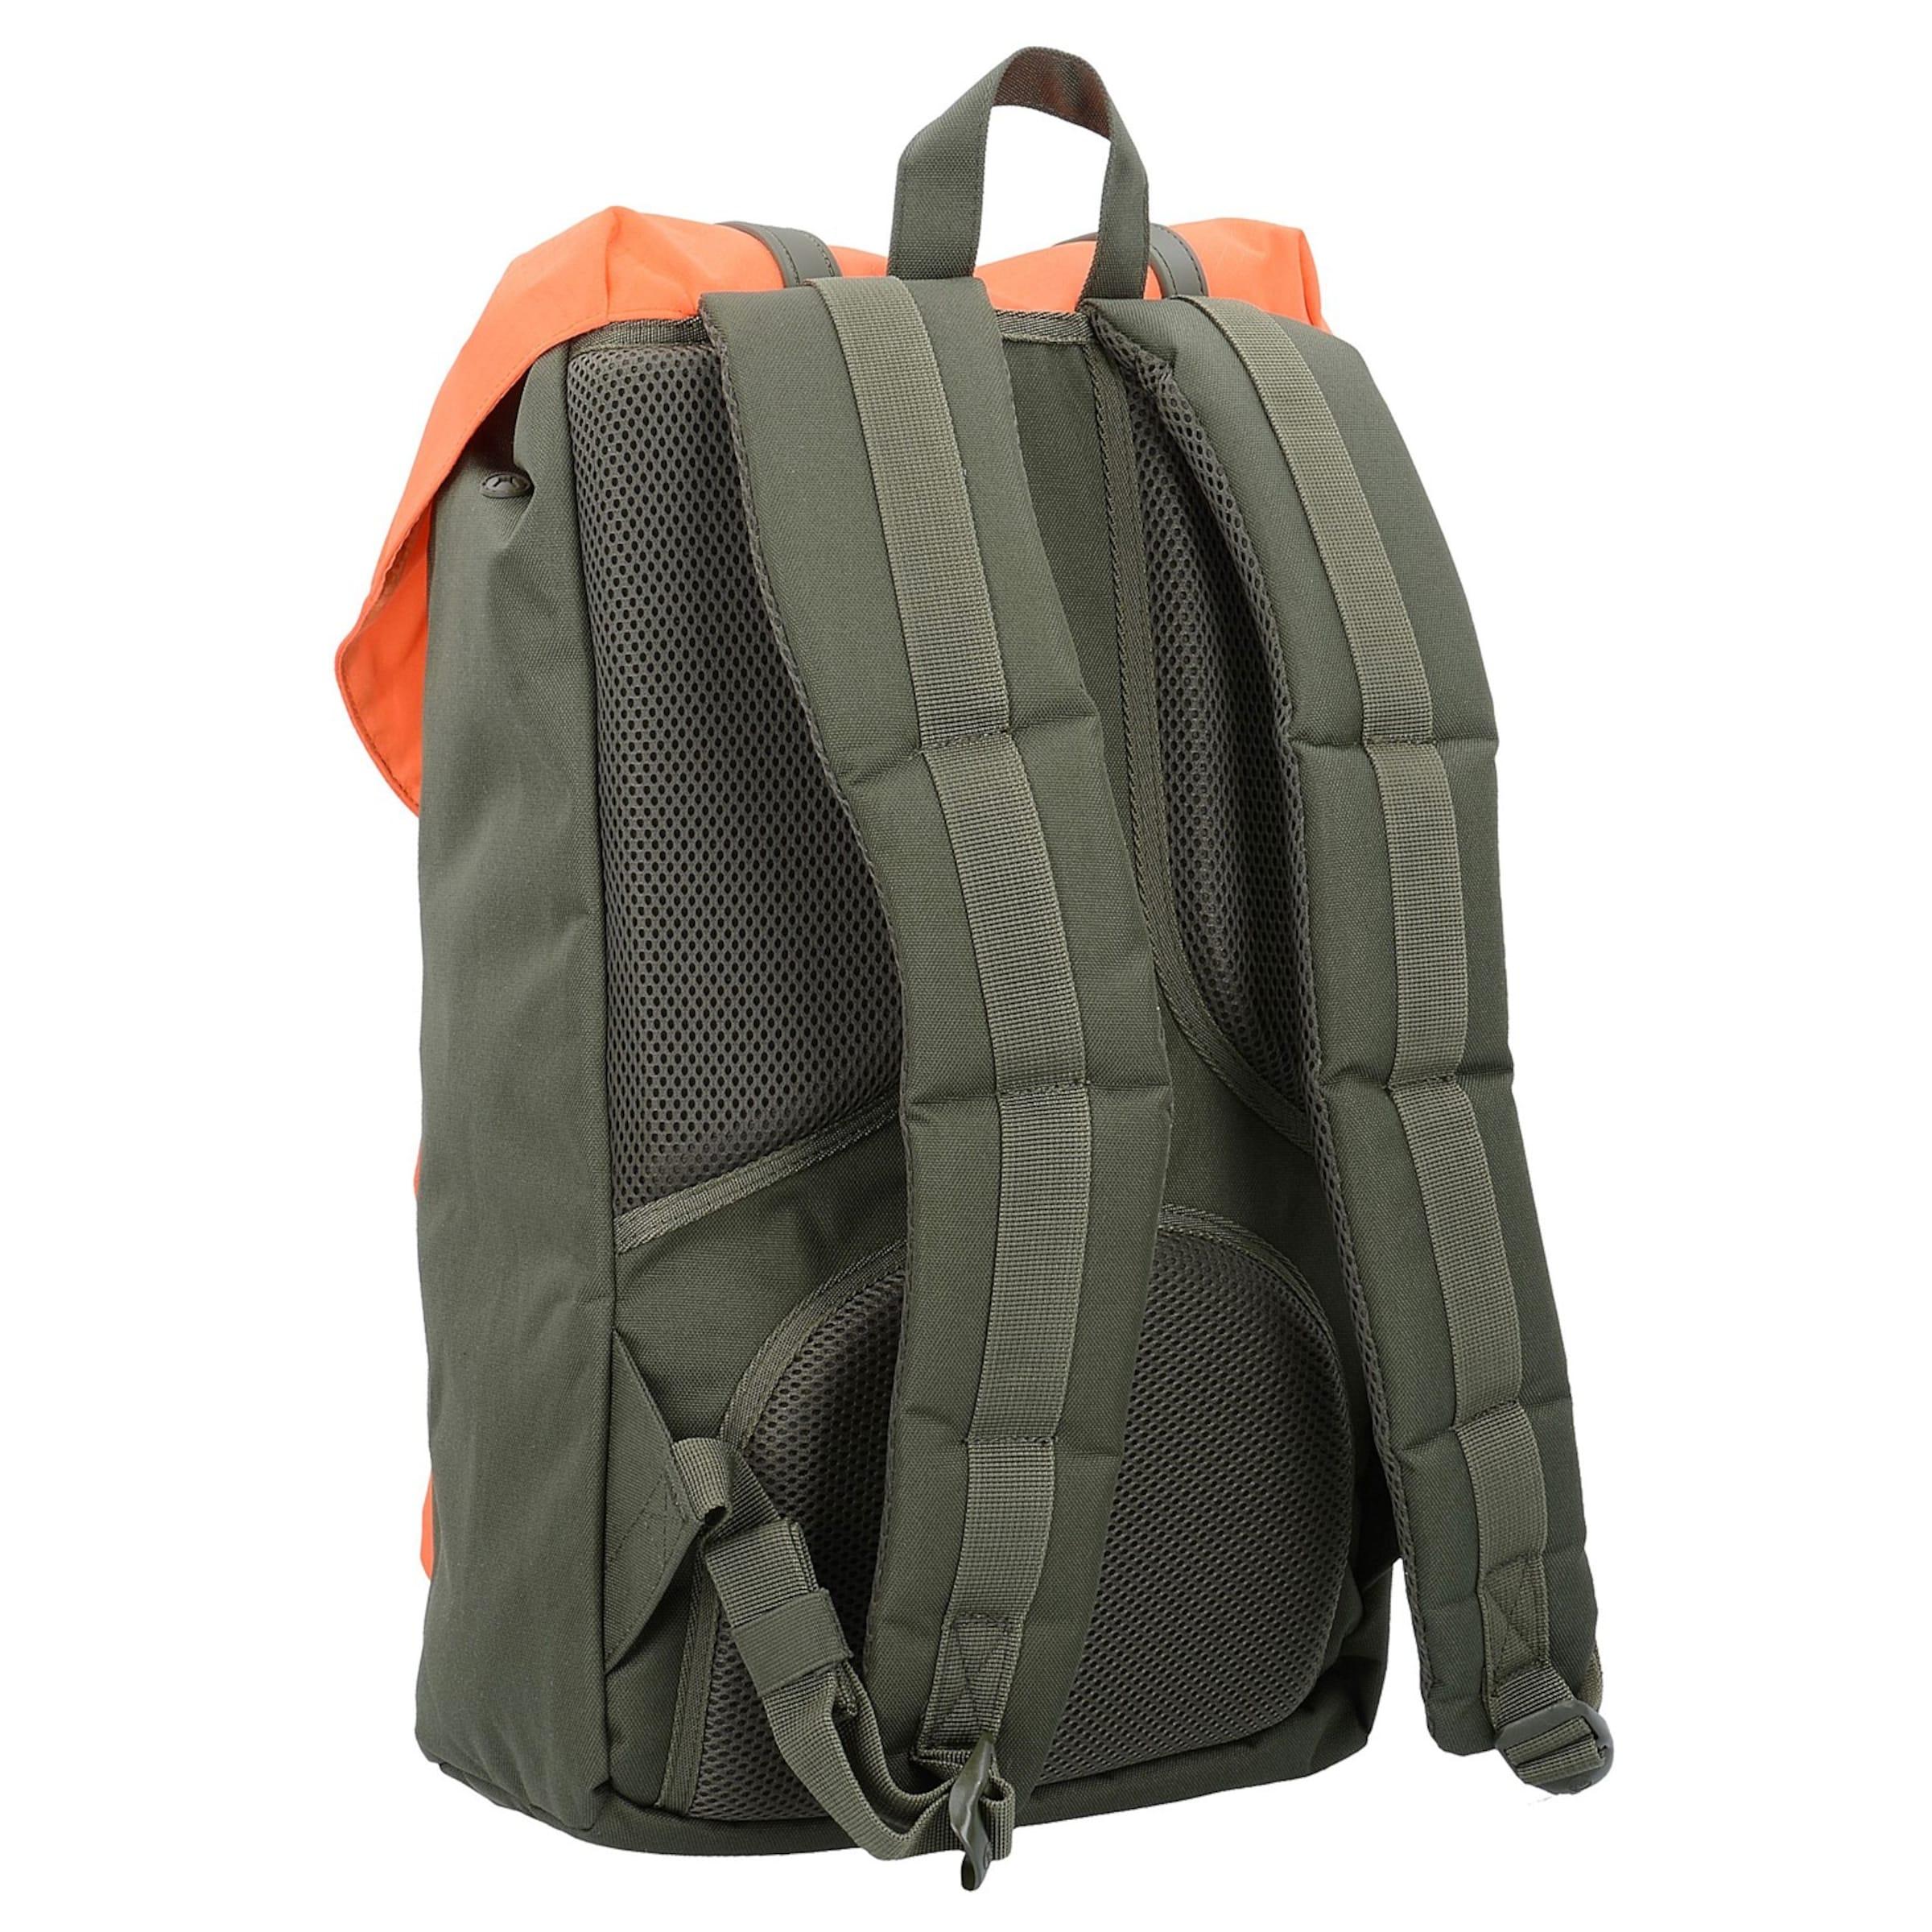 Herschel 'Little America' Daypack Verkauf Von Top-Qualität wDyoM3Xaei